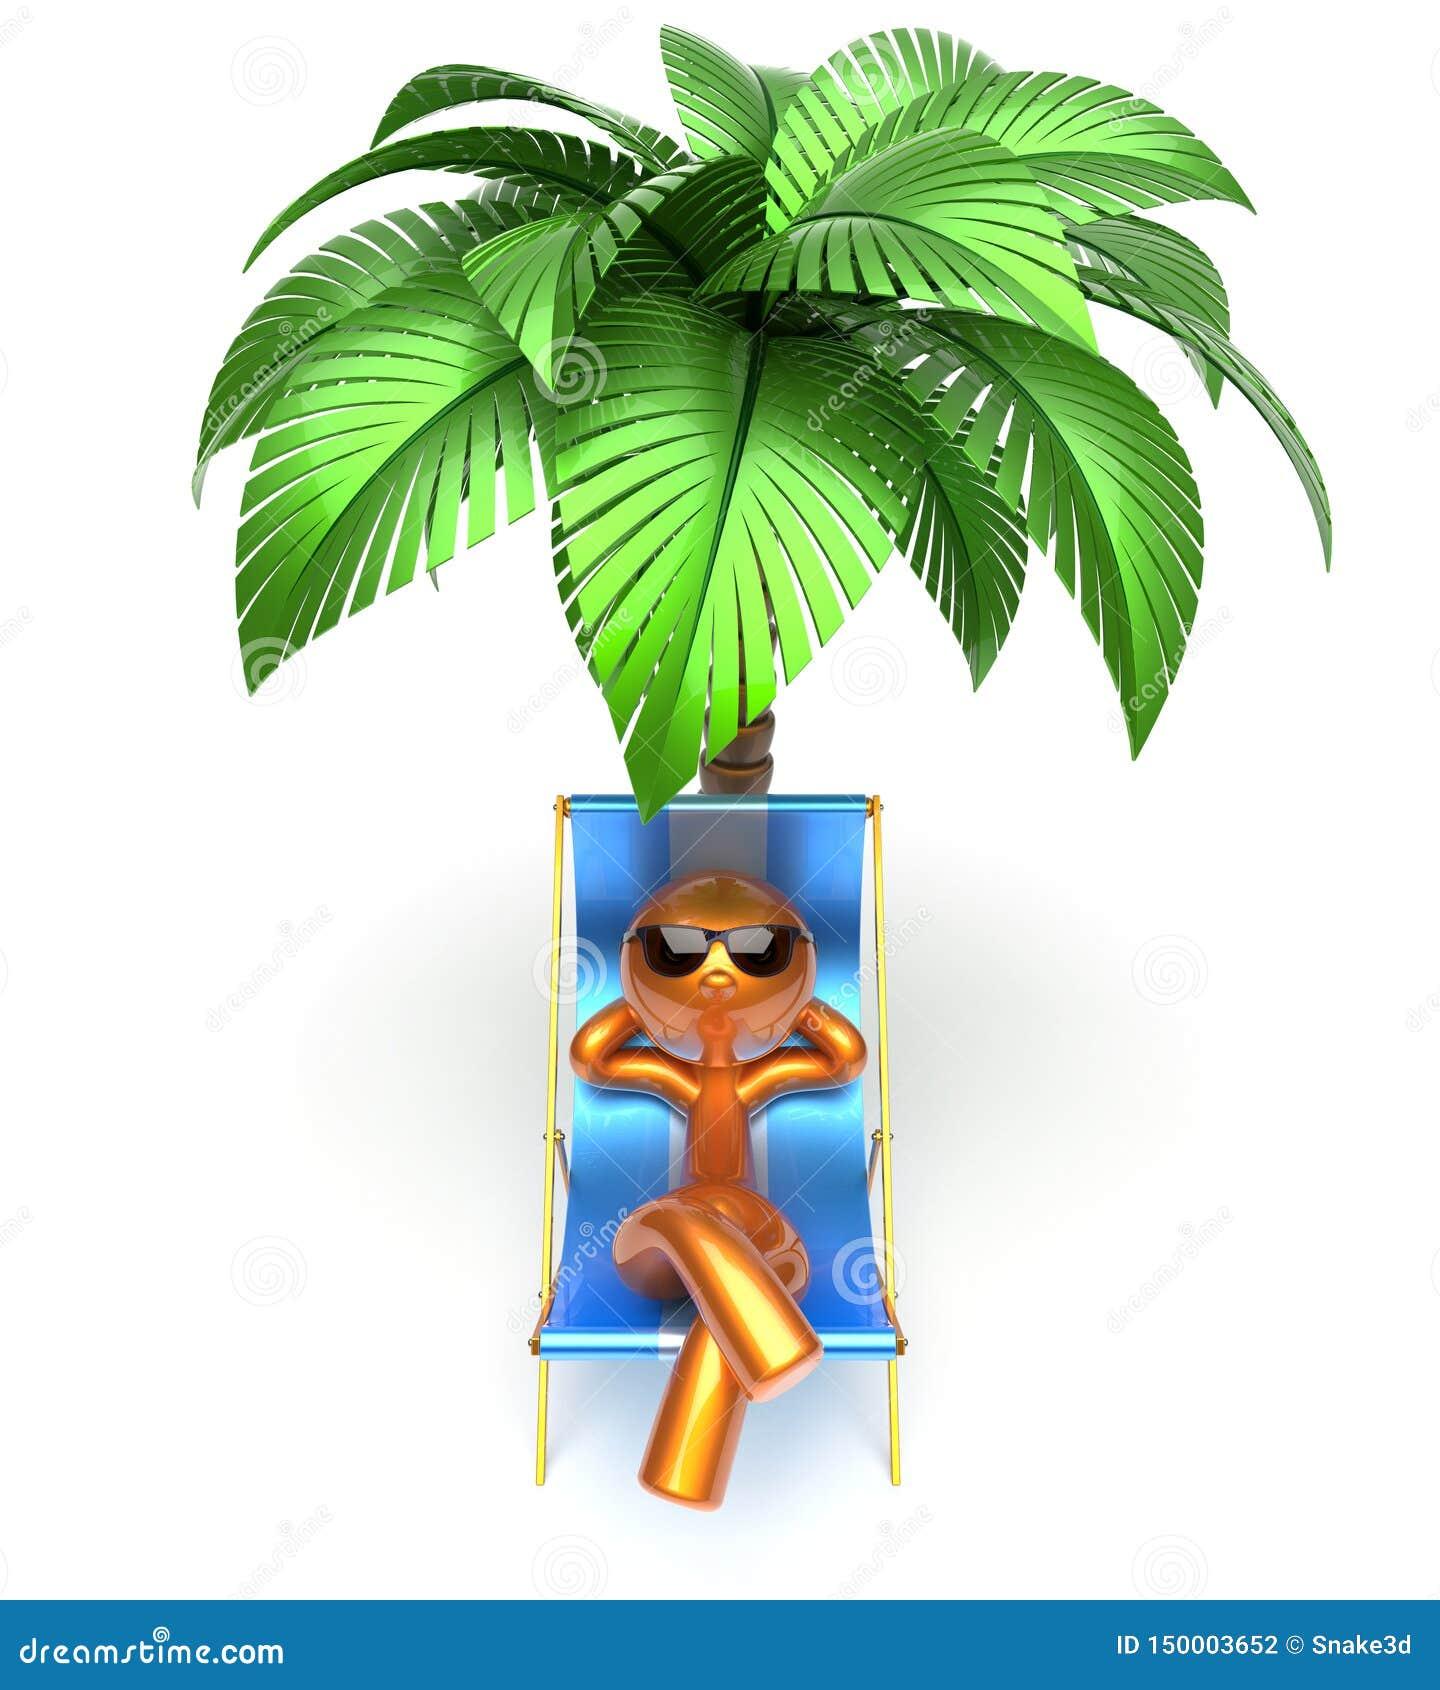 Playa de refrigeración de relajación de la palmera de la silla de cubierta del carácter del hombre